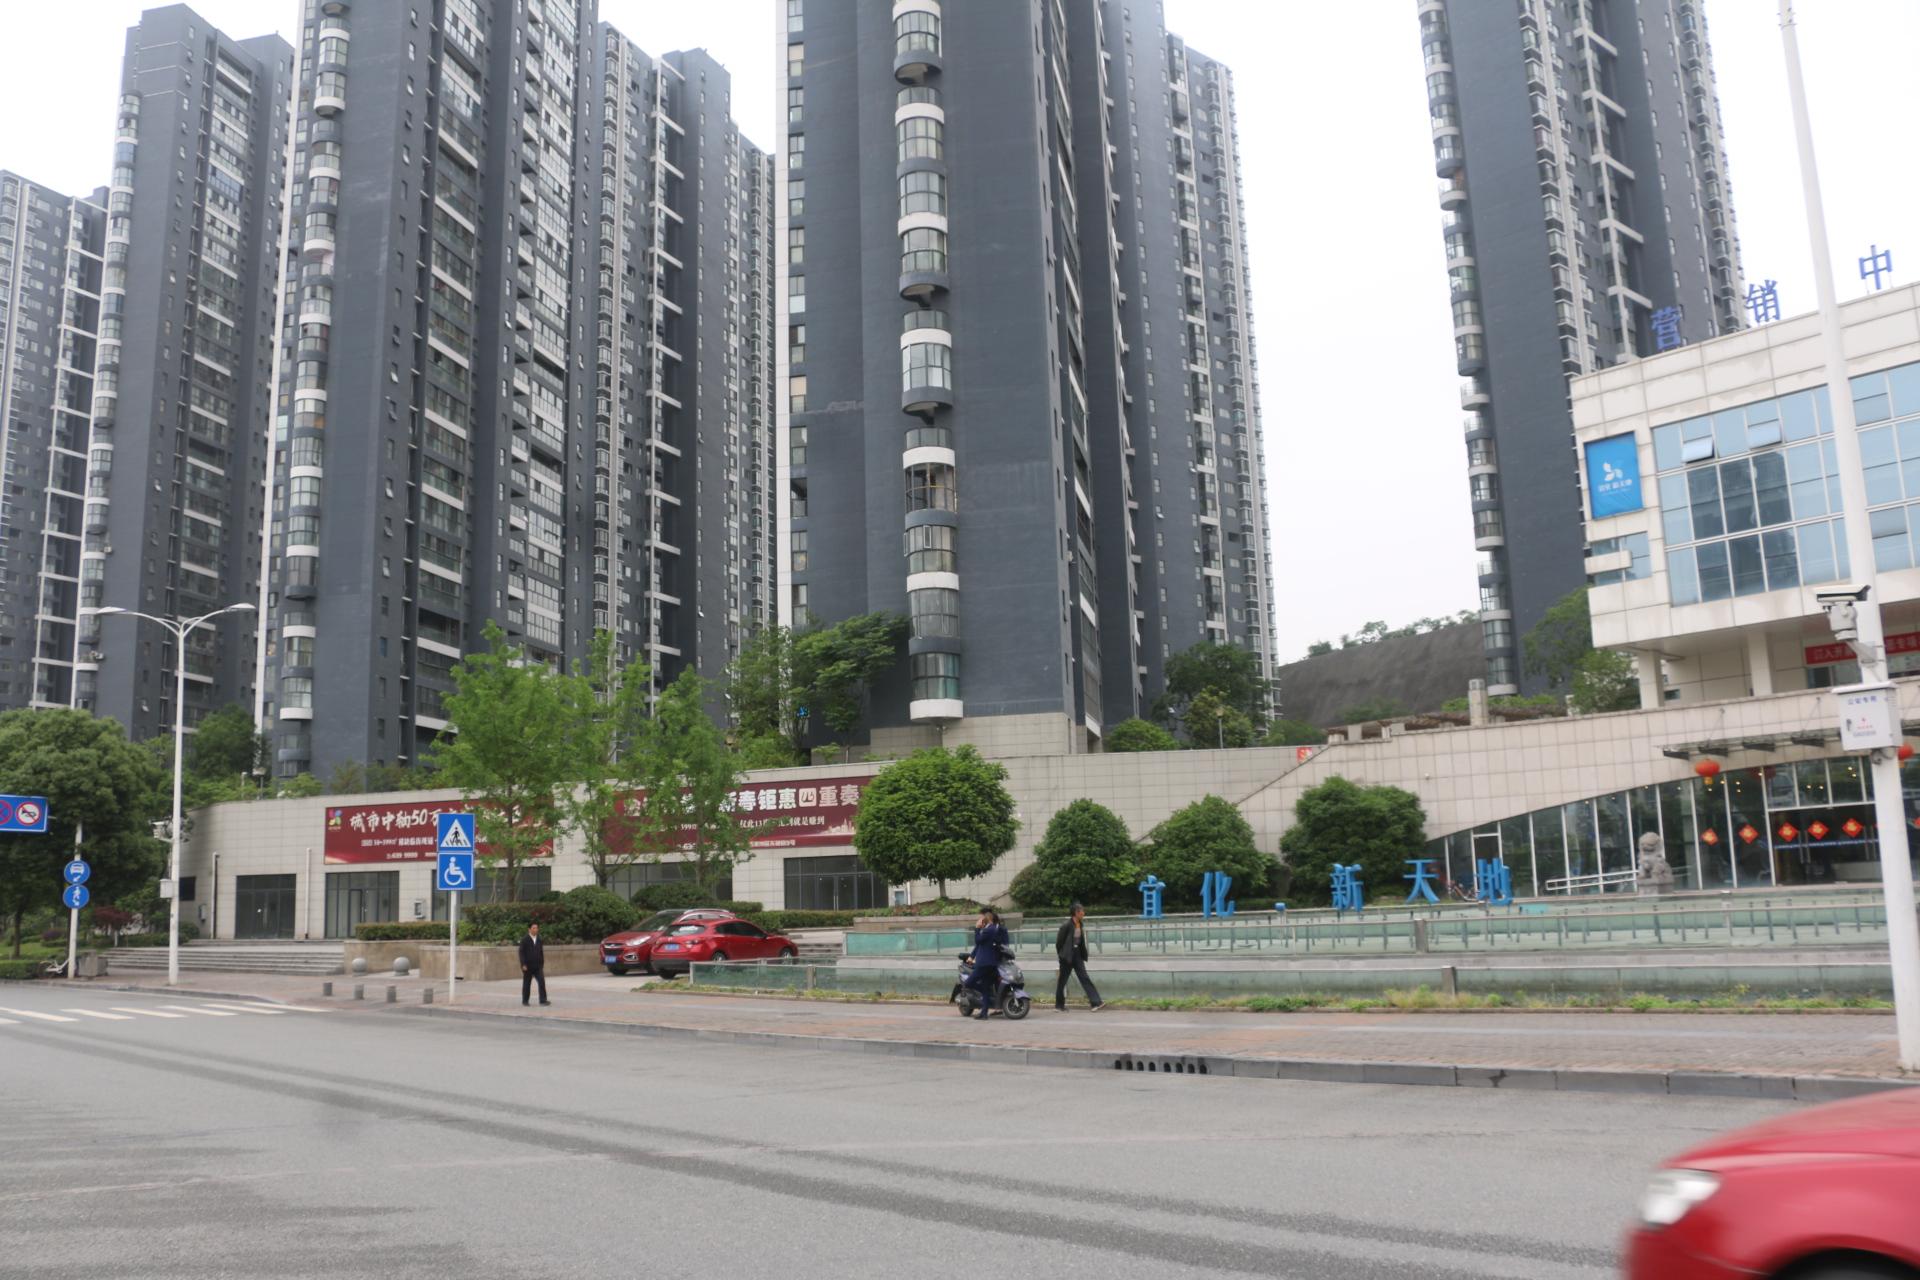 宜昌·宜化新天地丨暖气片也能帮您提高生活质量!